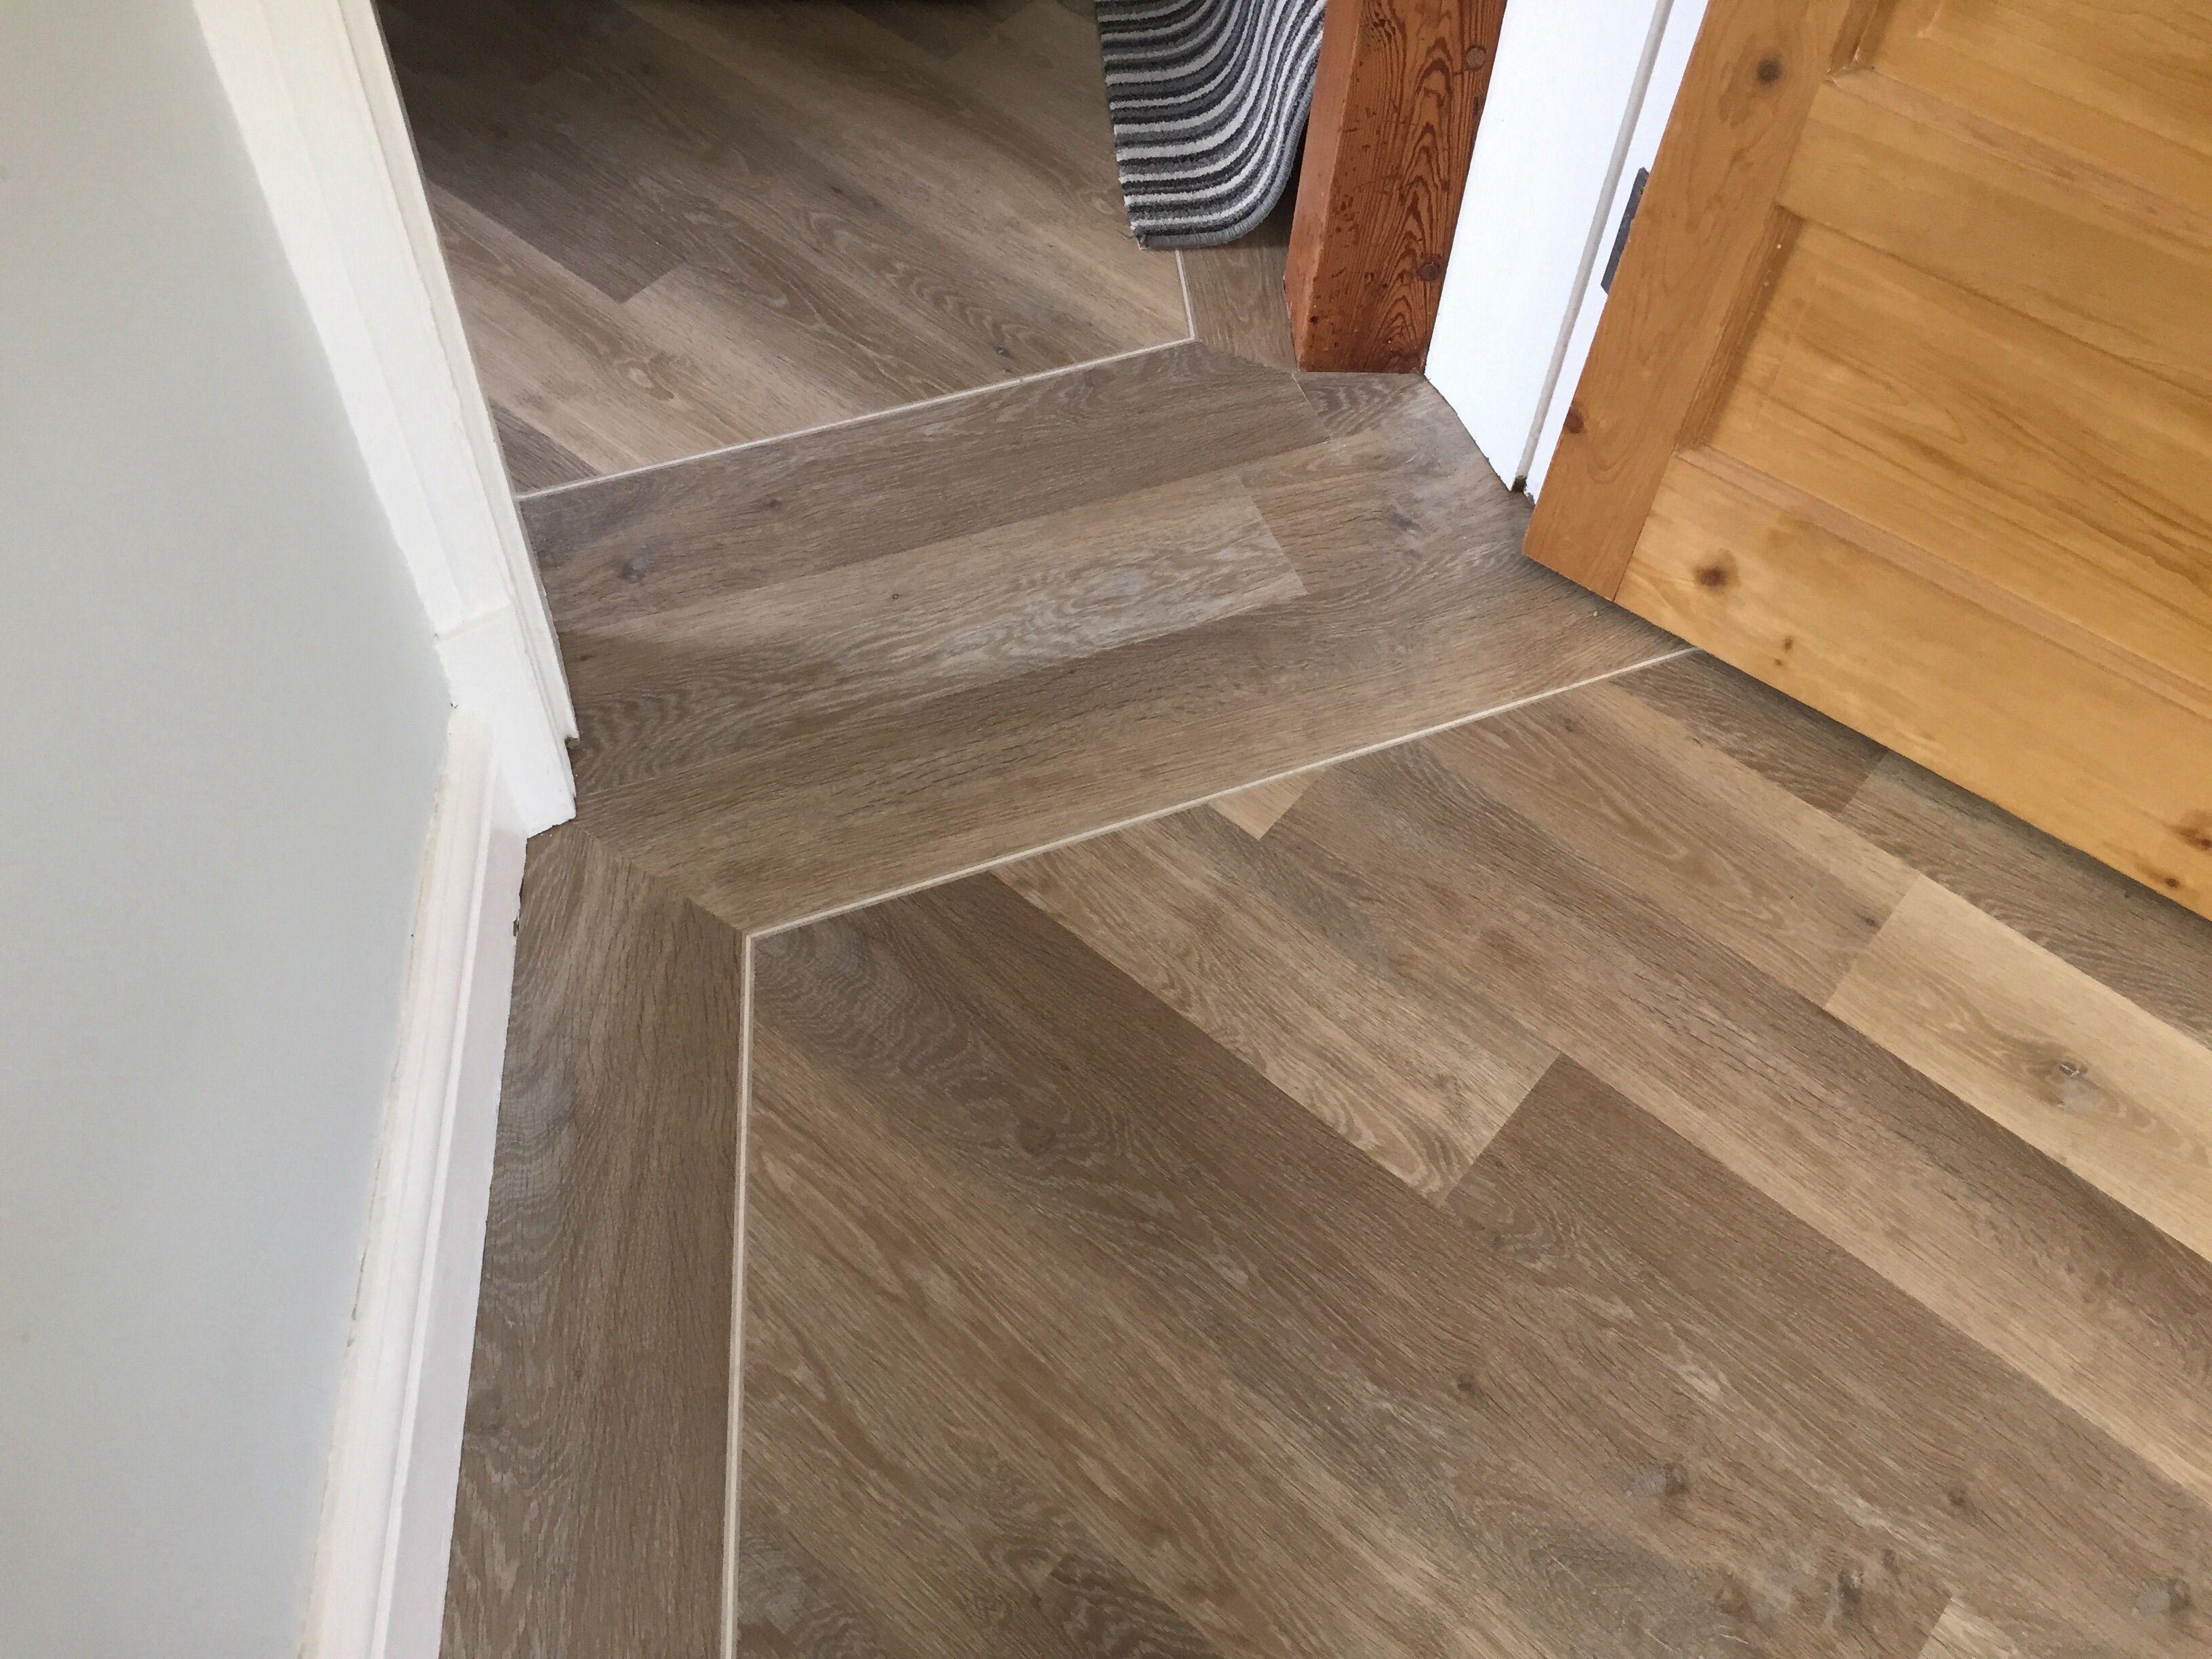 flooring kitchen karndean da luxury the vinyl floor gogh and van wood buy newcastle bedroom classic pin tiles from designflooring co oak hut vinci best very